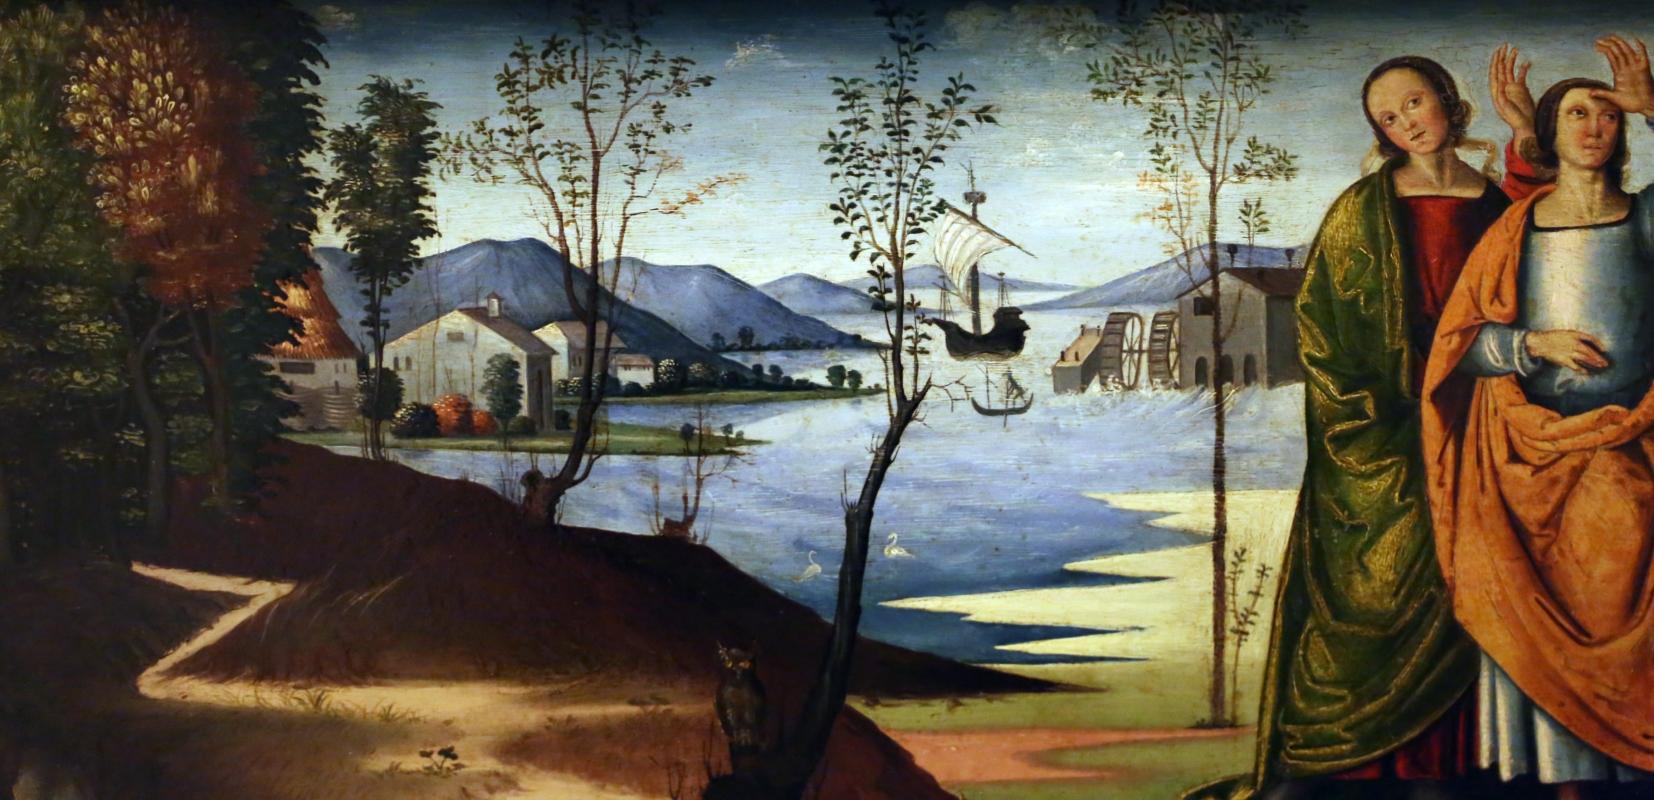 Marco meloni (attr.), storie di abramo, 1504, 05 - Sailko - Modena (MO)